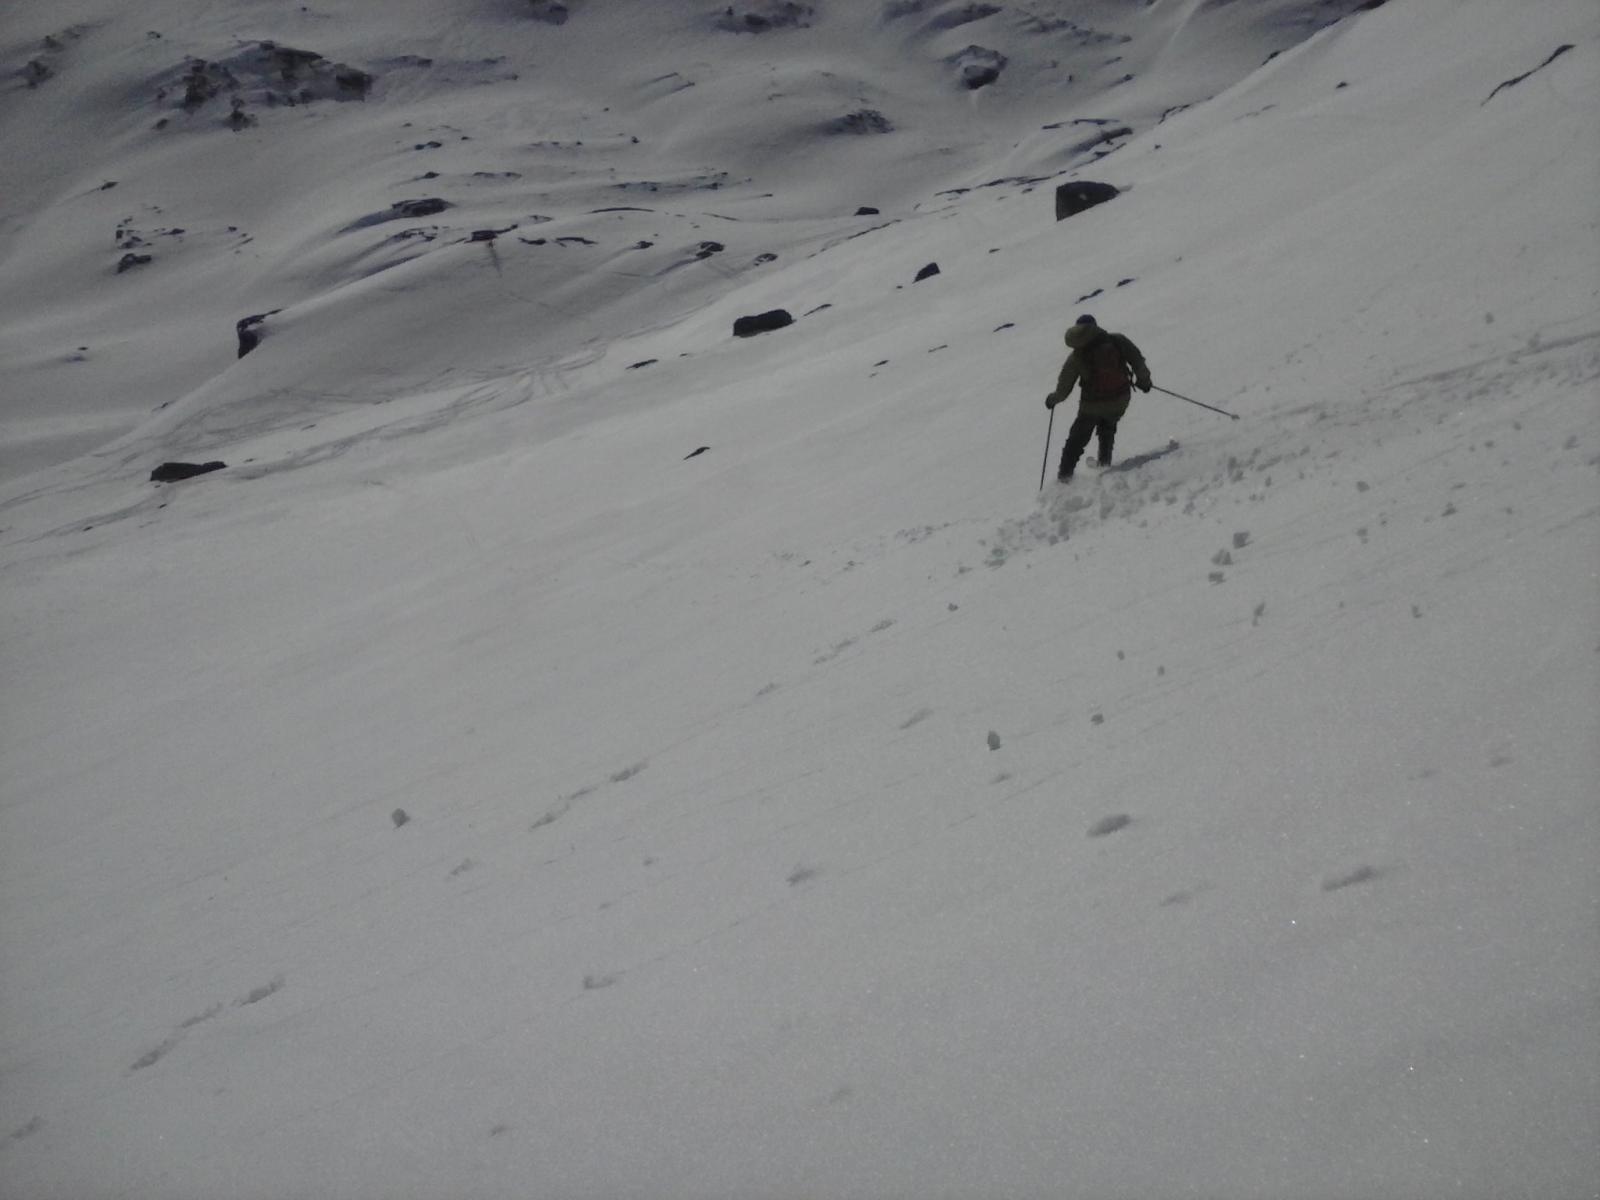 verso l'alpeggio in neve intonsa....